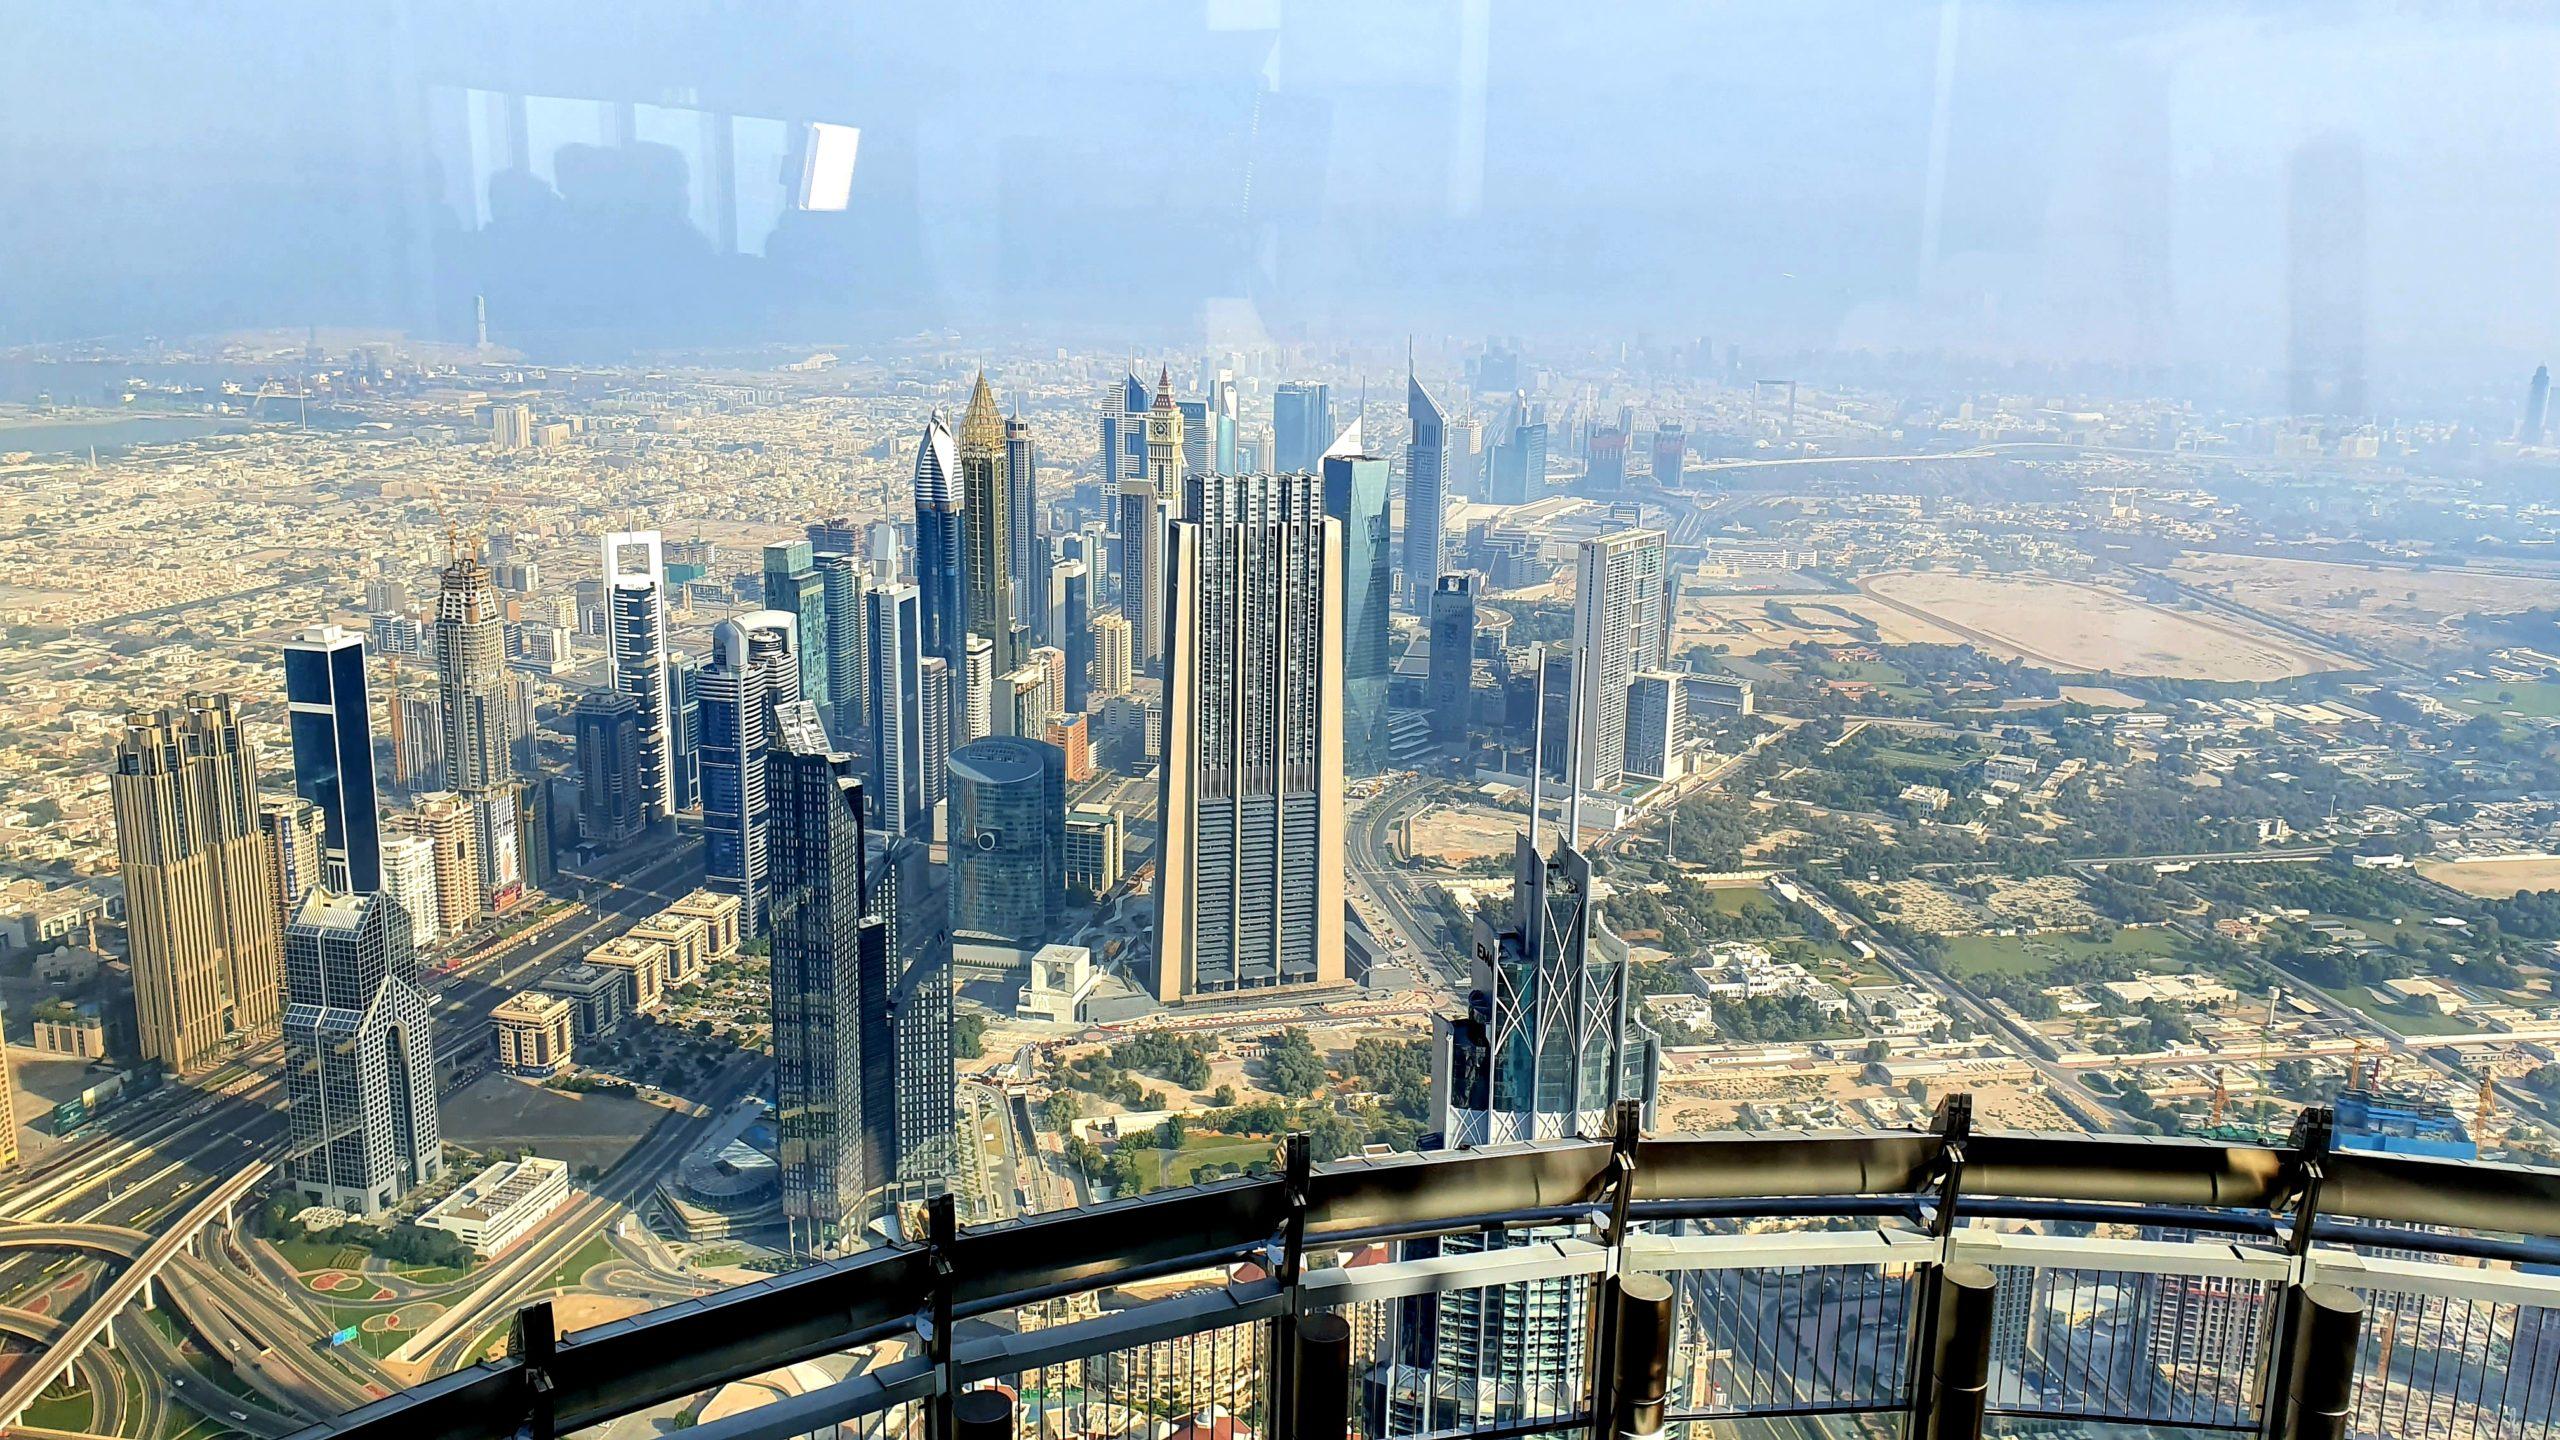 Burj Khalifa dwa dni w Dubaju